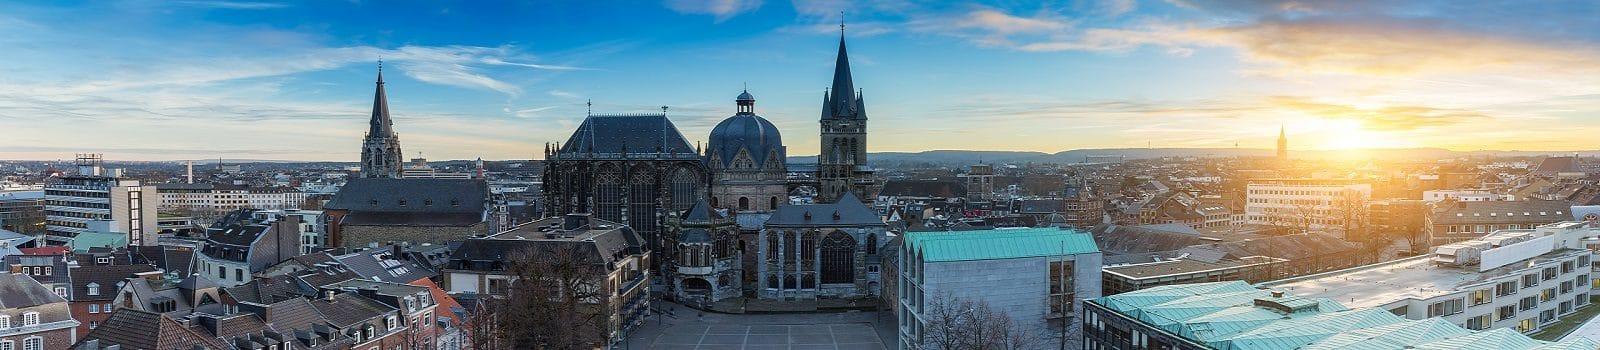 Blick über die Städteregion Aachen mit Innenstadt und Dom